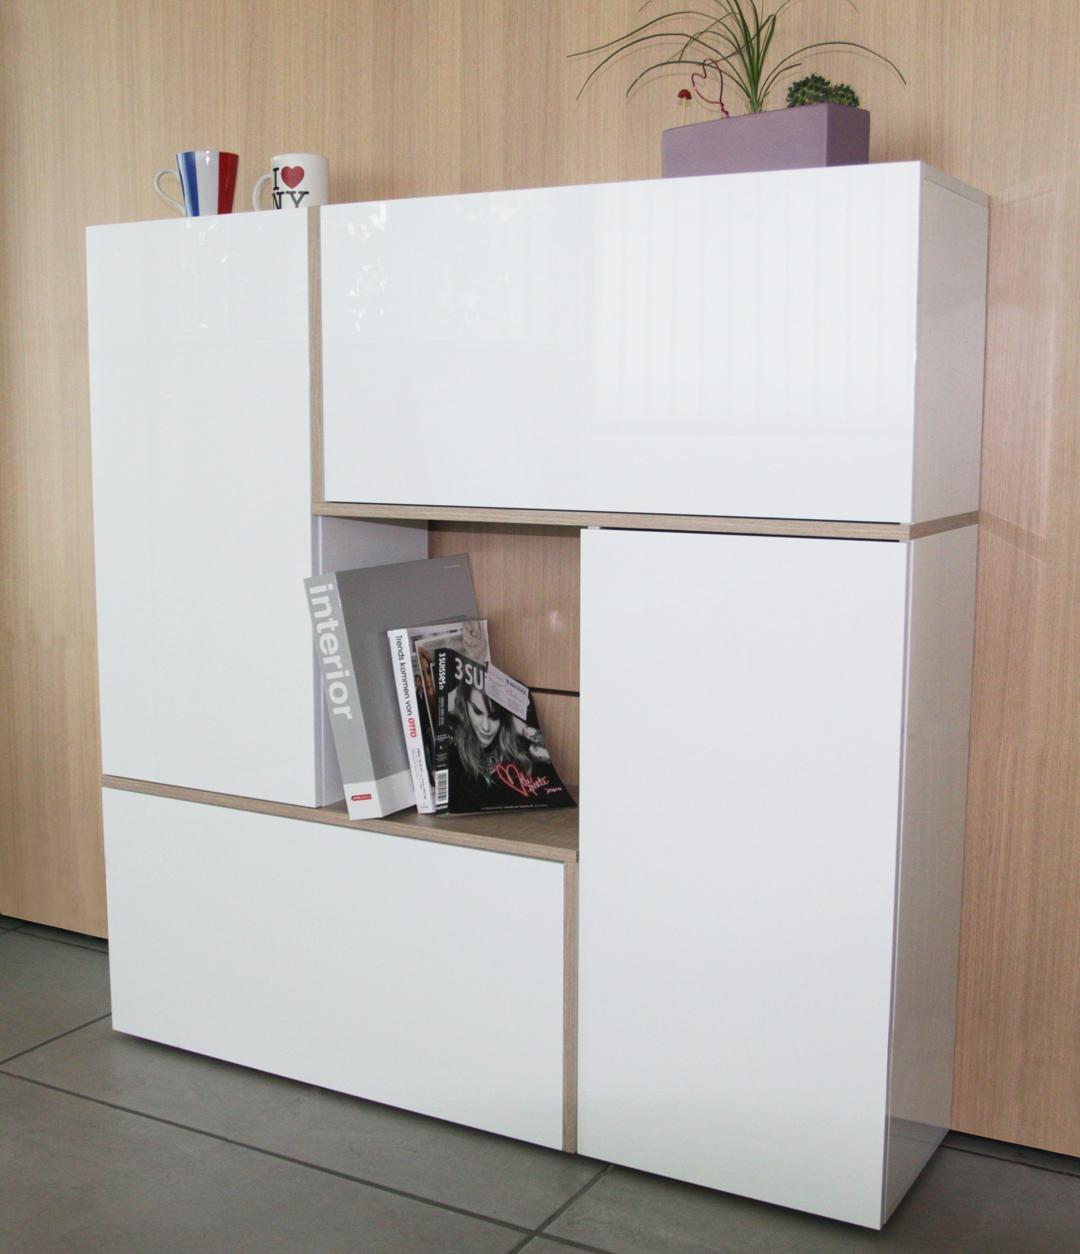 Mobilier design archives page 2 sur 13 le monde de l a - Usine meuble belgique ...